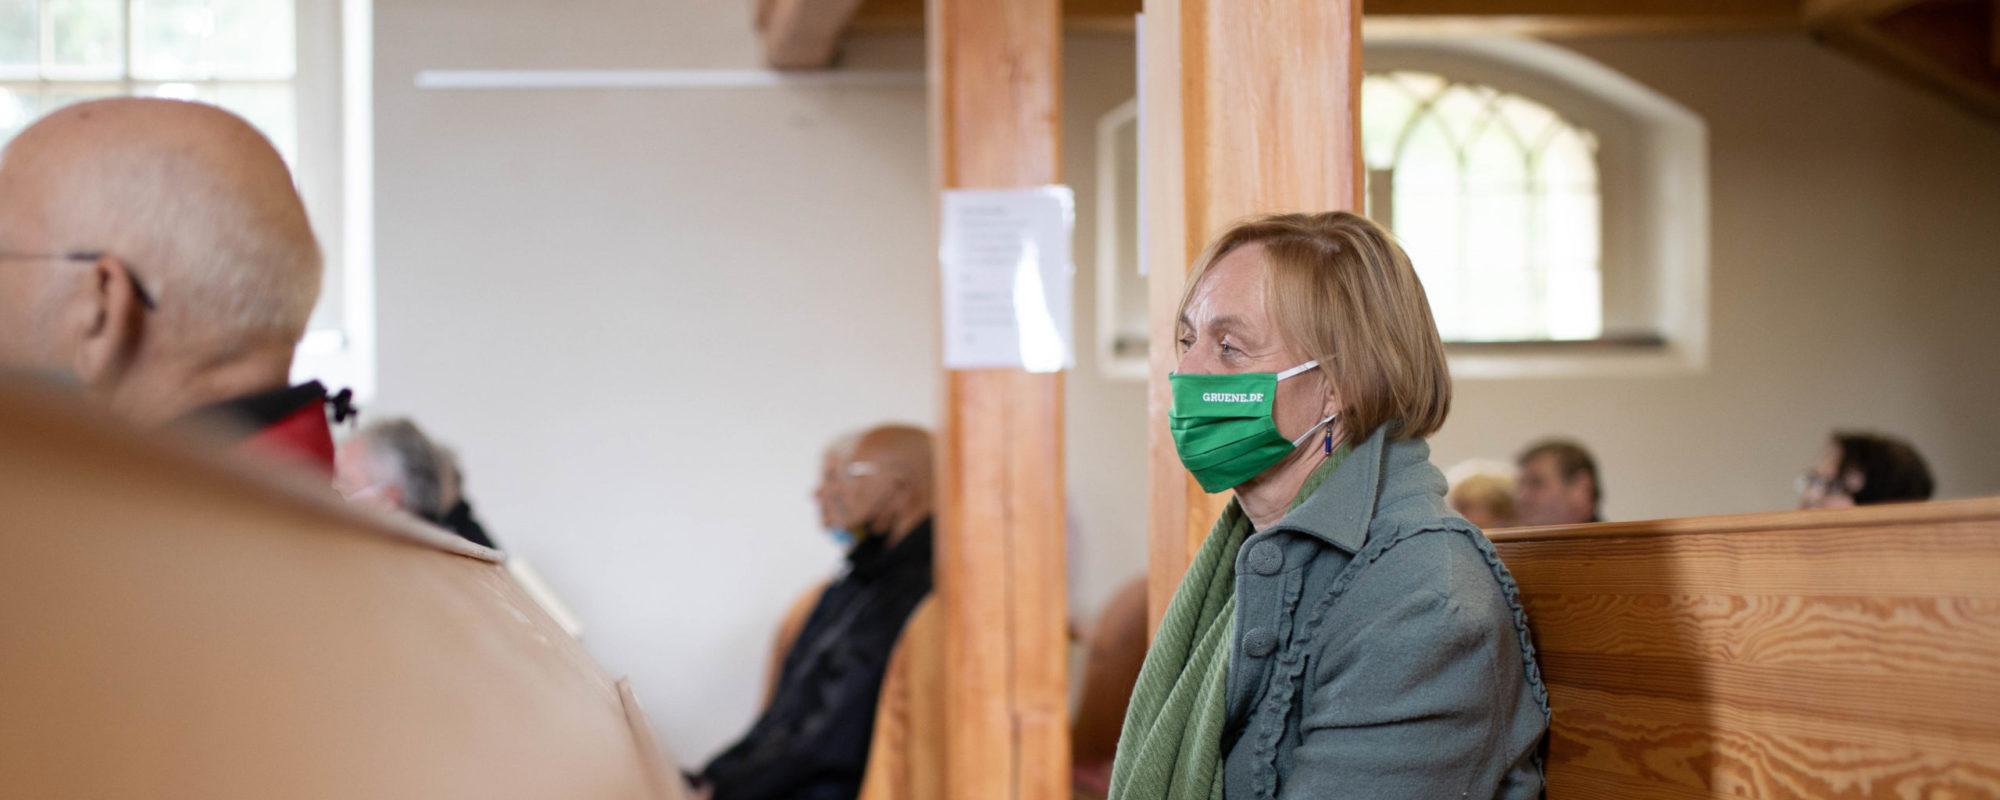 Petra Budke mit Maske in der Kirchenbank